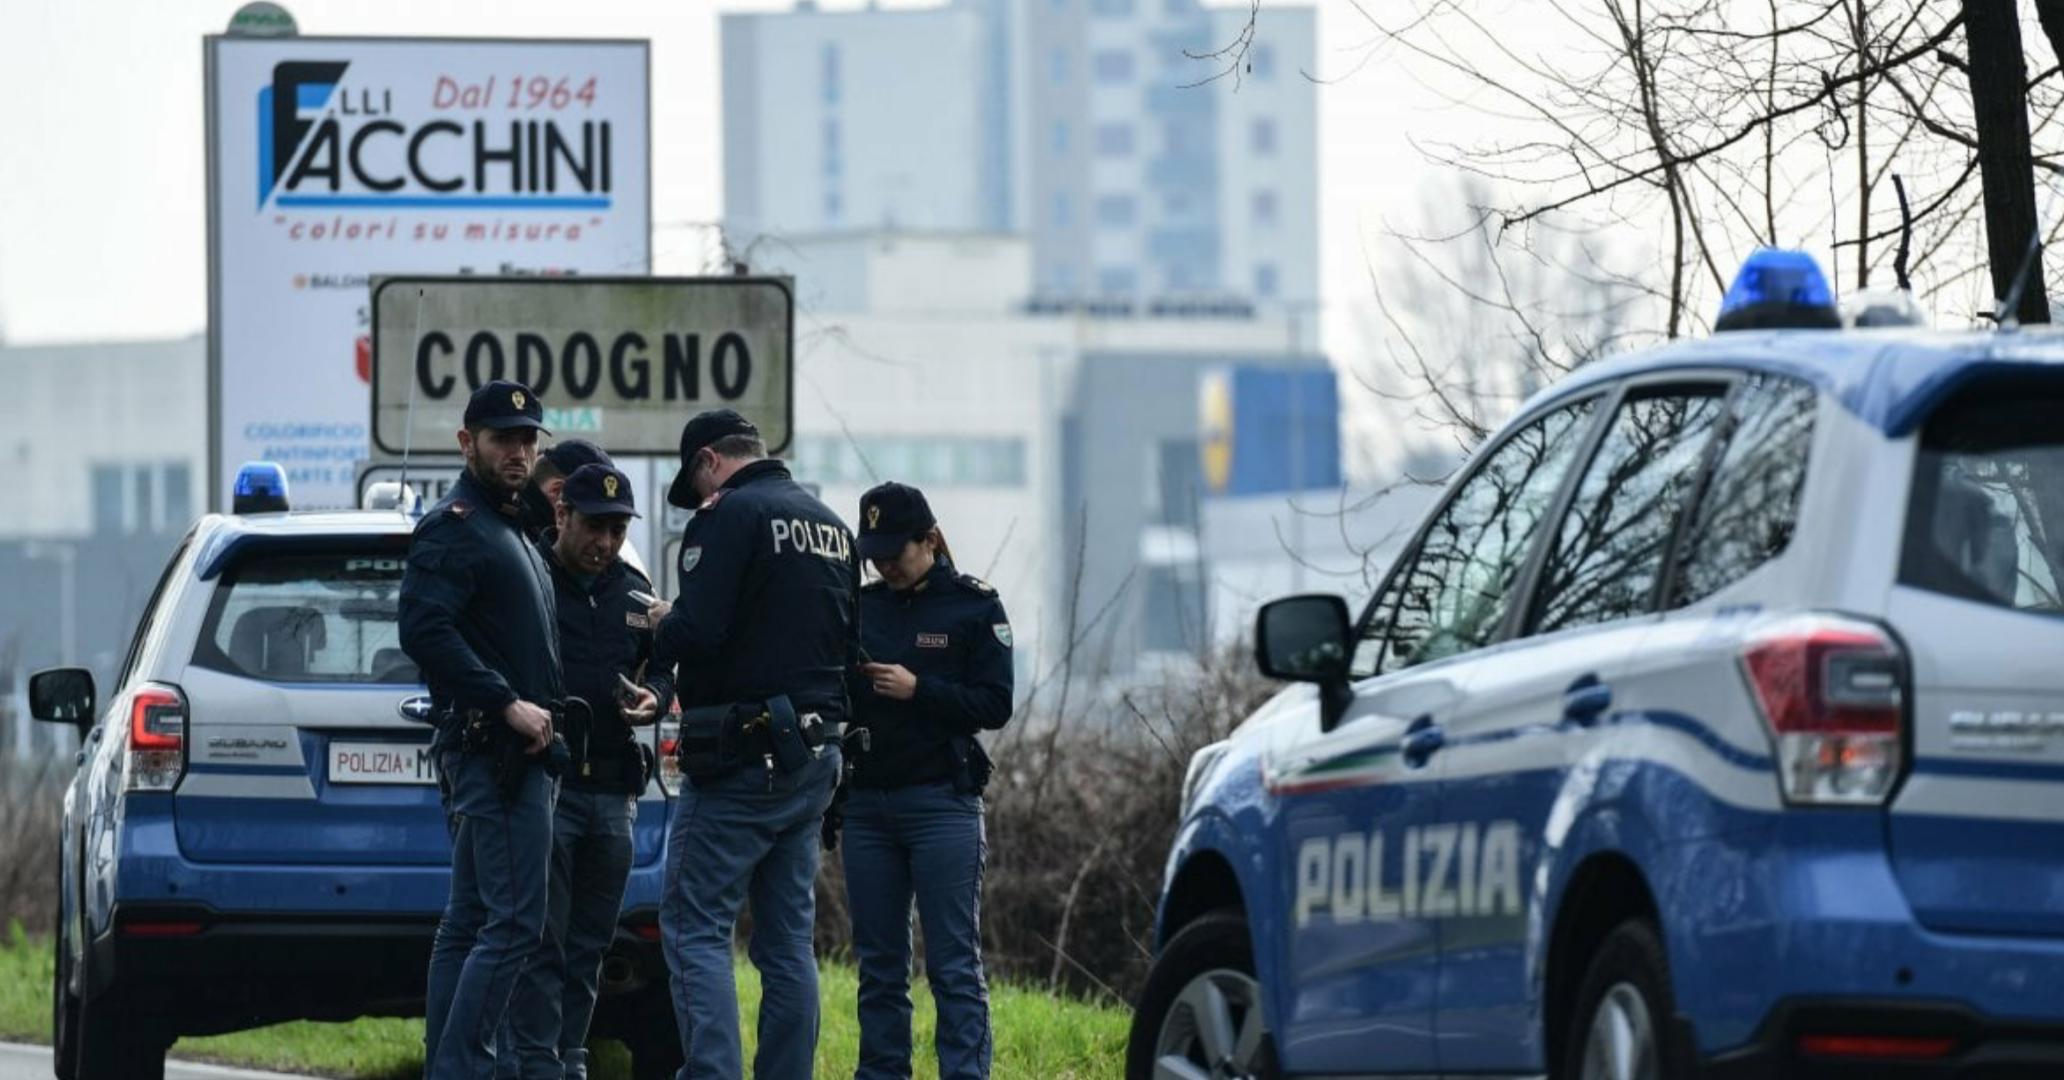 Coronavirus: La denuncia di Vittorio Agnoletto